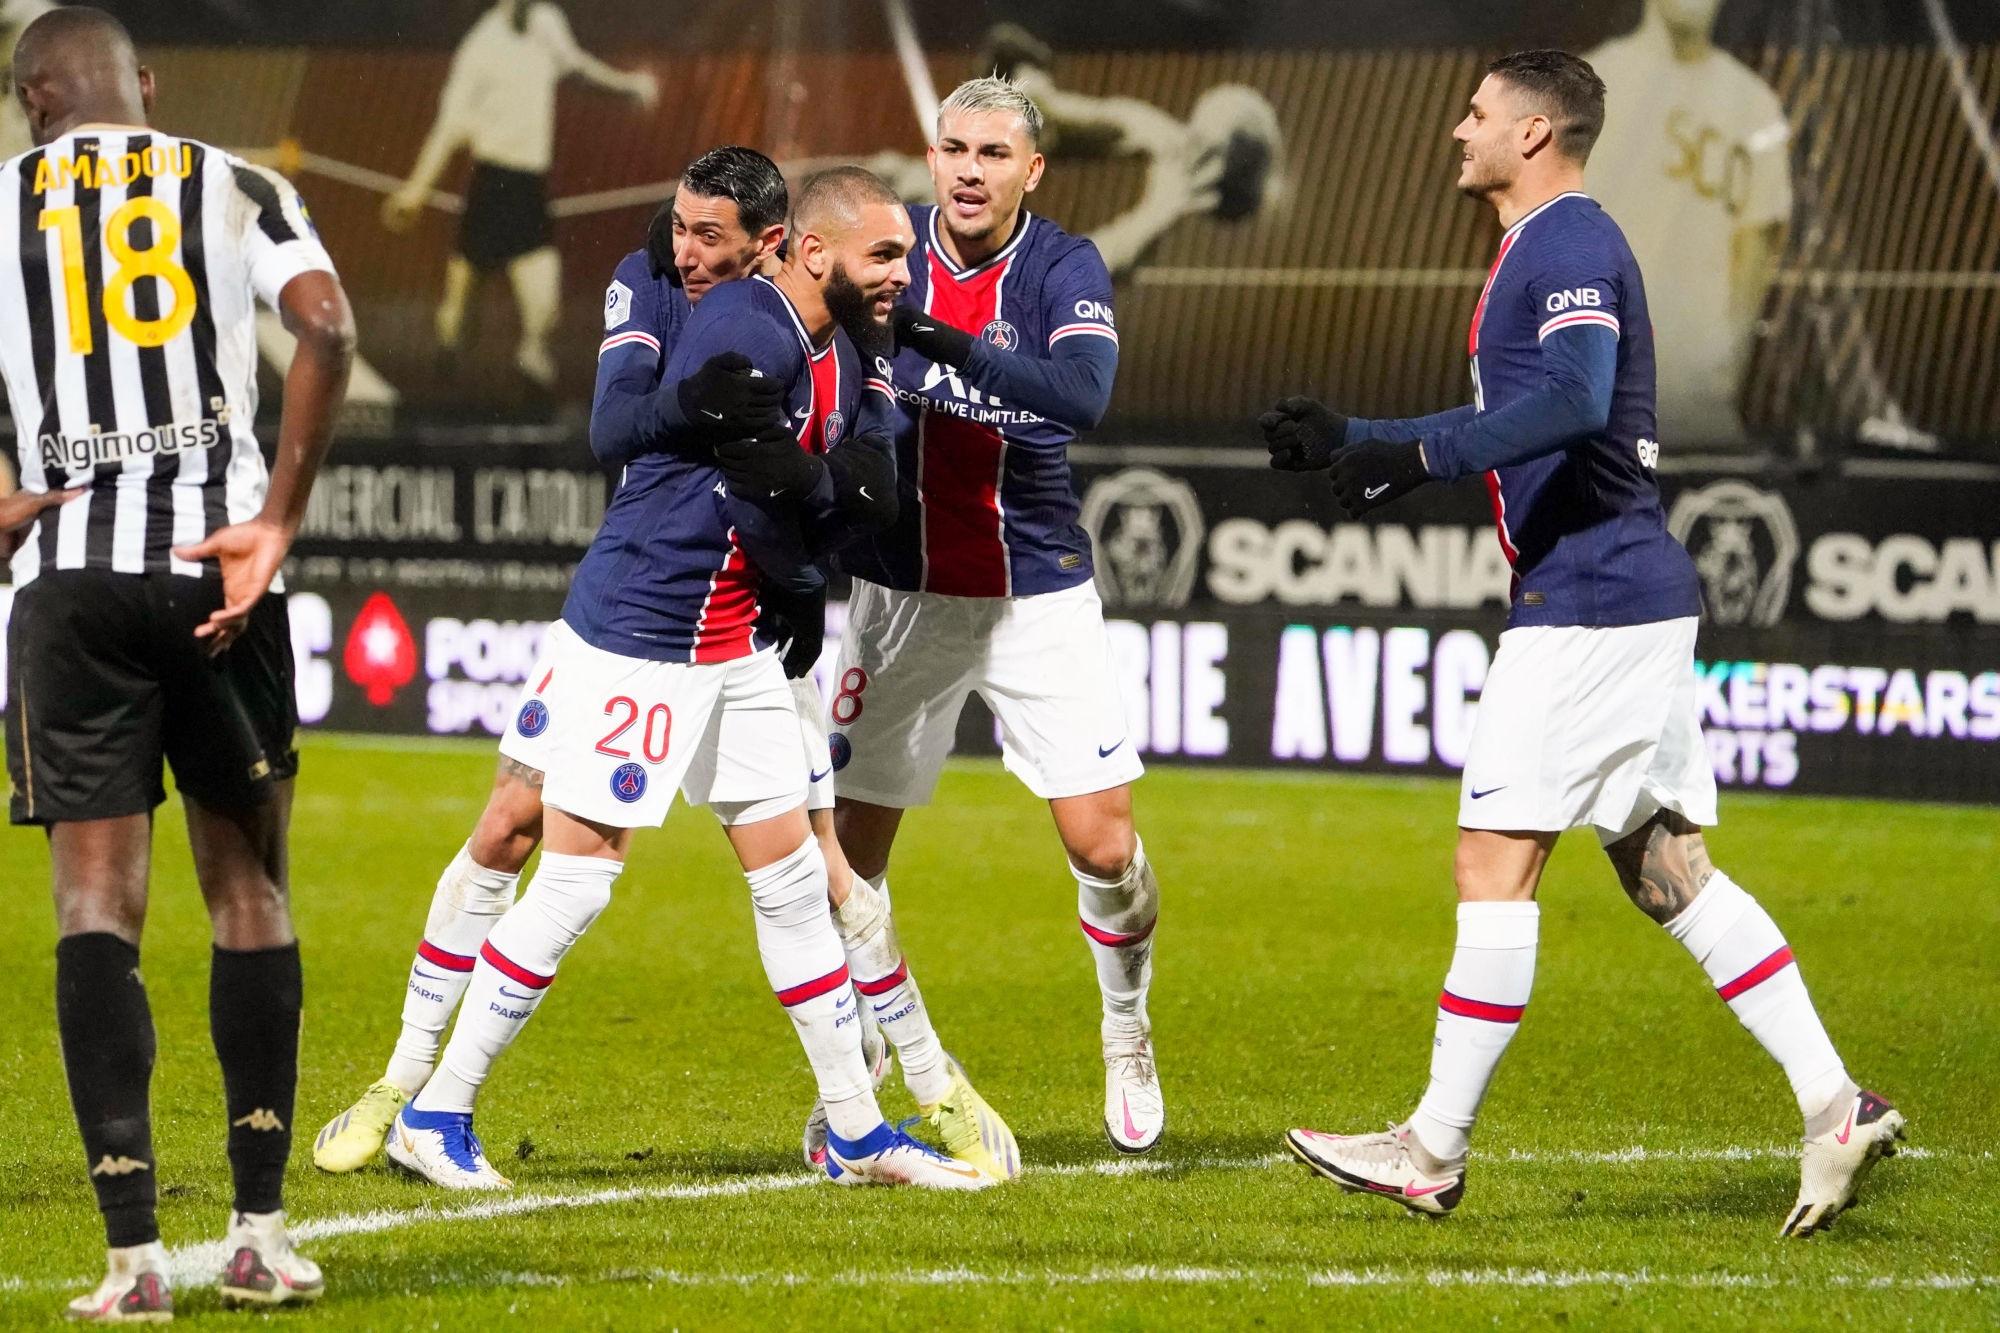 """Angers/PSG - Paredes souligne """"Quand on n'arrive pas à bien jouer, c'est important de gagner"""""""